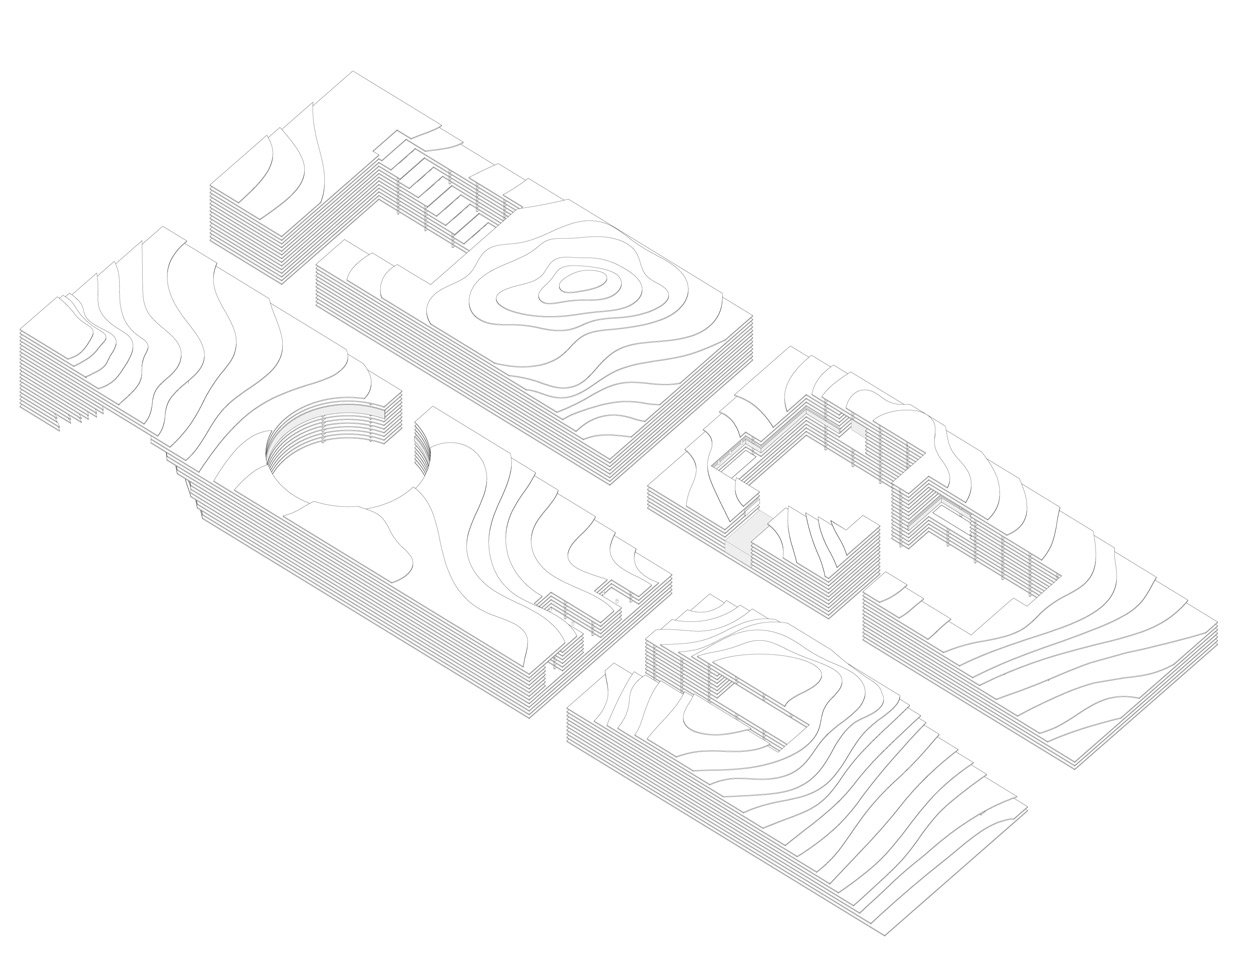 Concept © CVDB Arquitectos Associados